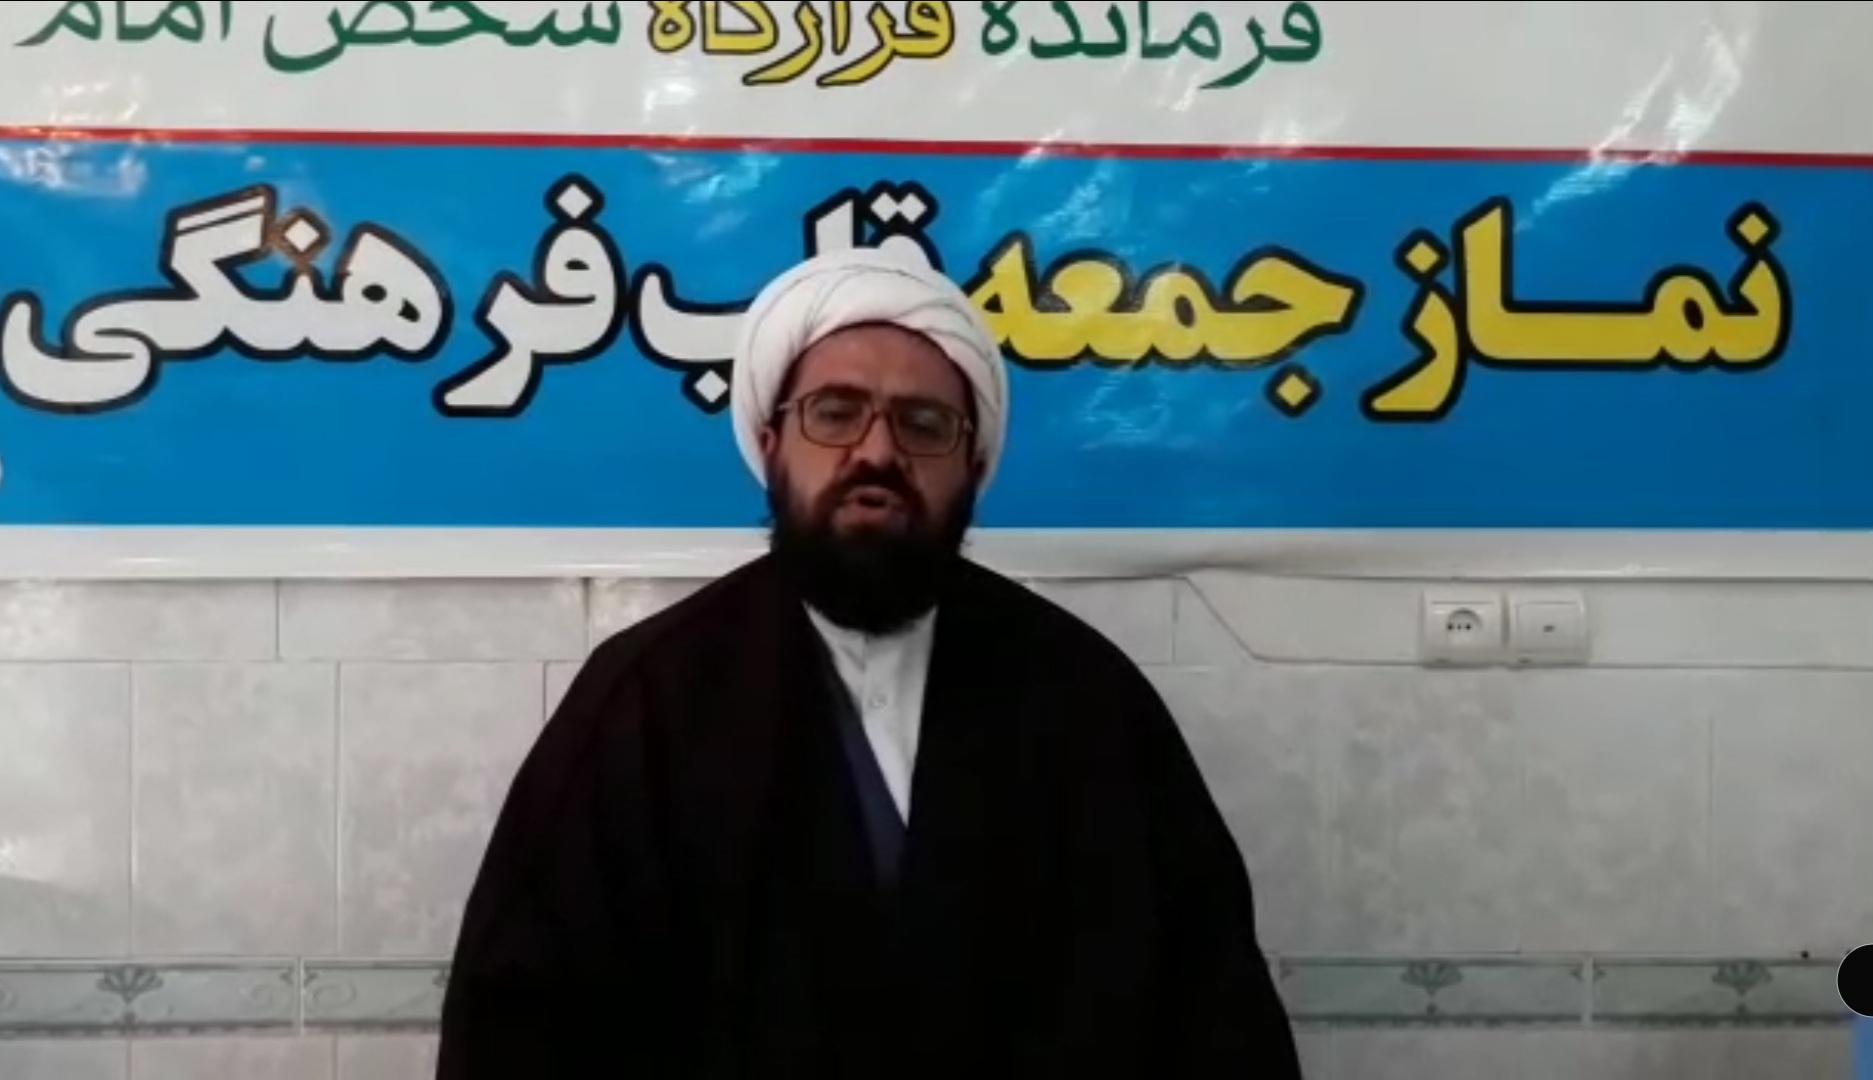 بیان ویژگی های فرد اصلح توسط امام جمعه کوار